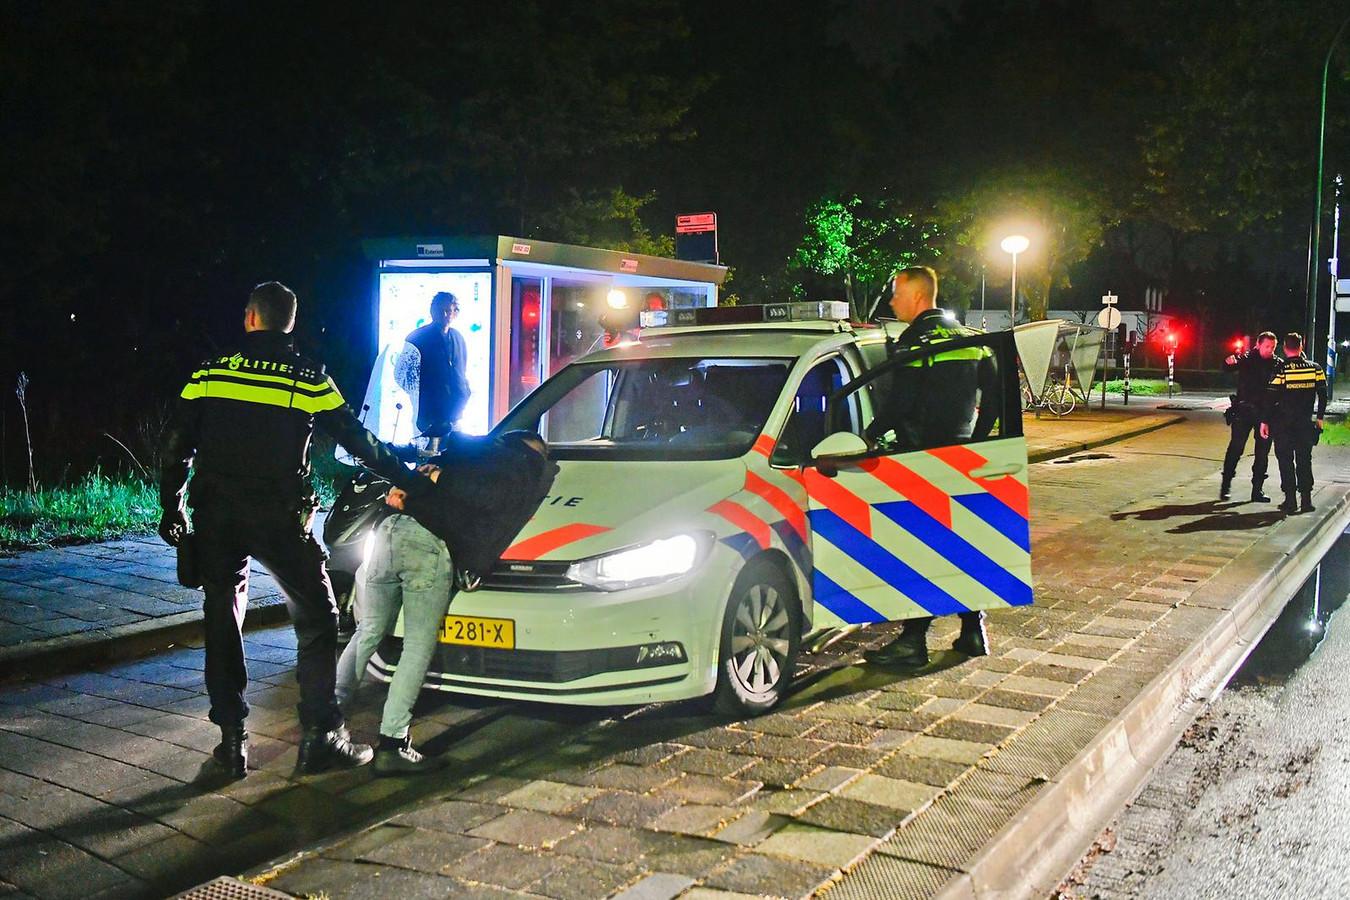 Onderweg naar een alarmmelding van een overval zag de politie van Valkenswaard een verdachte scooter en kon zo twee van de drie mogelijke daders meteen oppakken